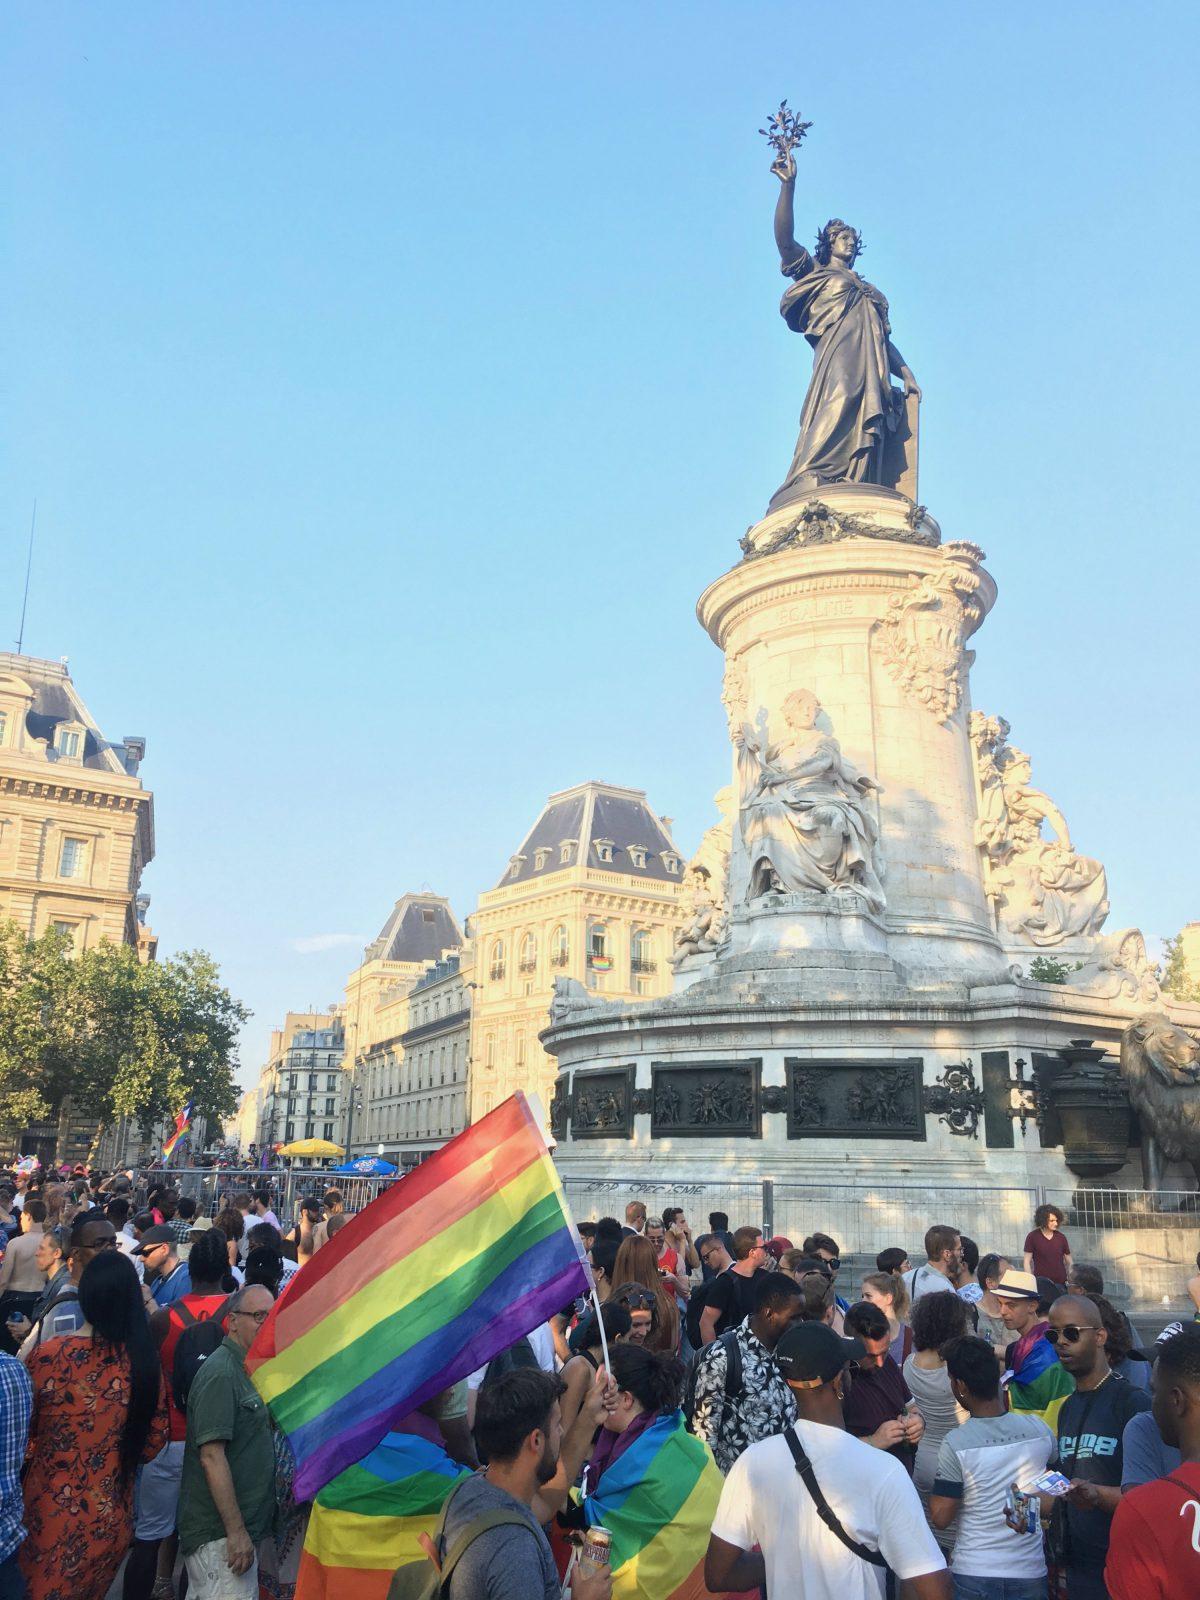 Marche des fiertés Paris 2018, place de la République - Philippe Peyre DR